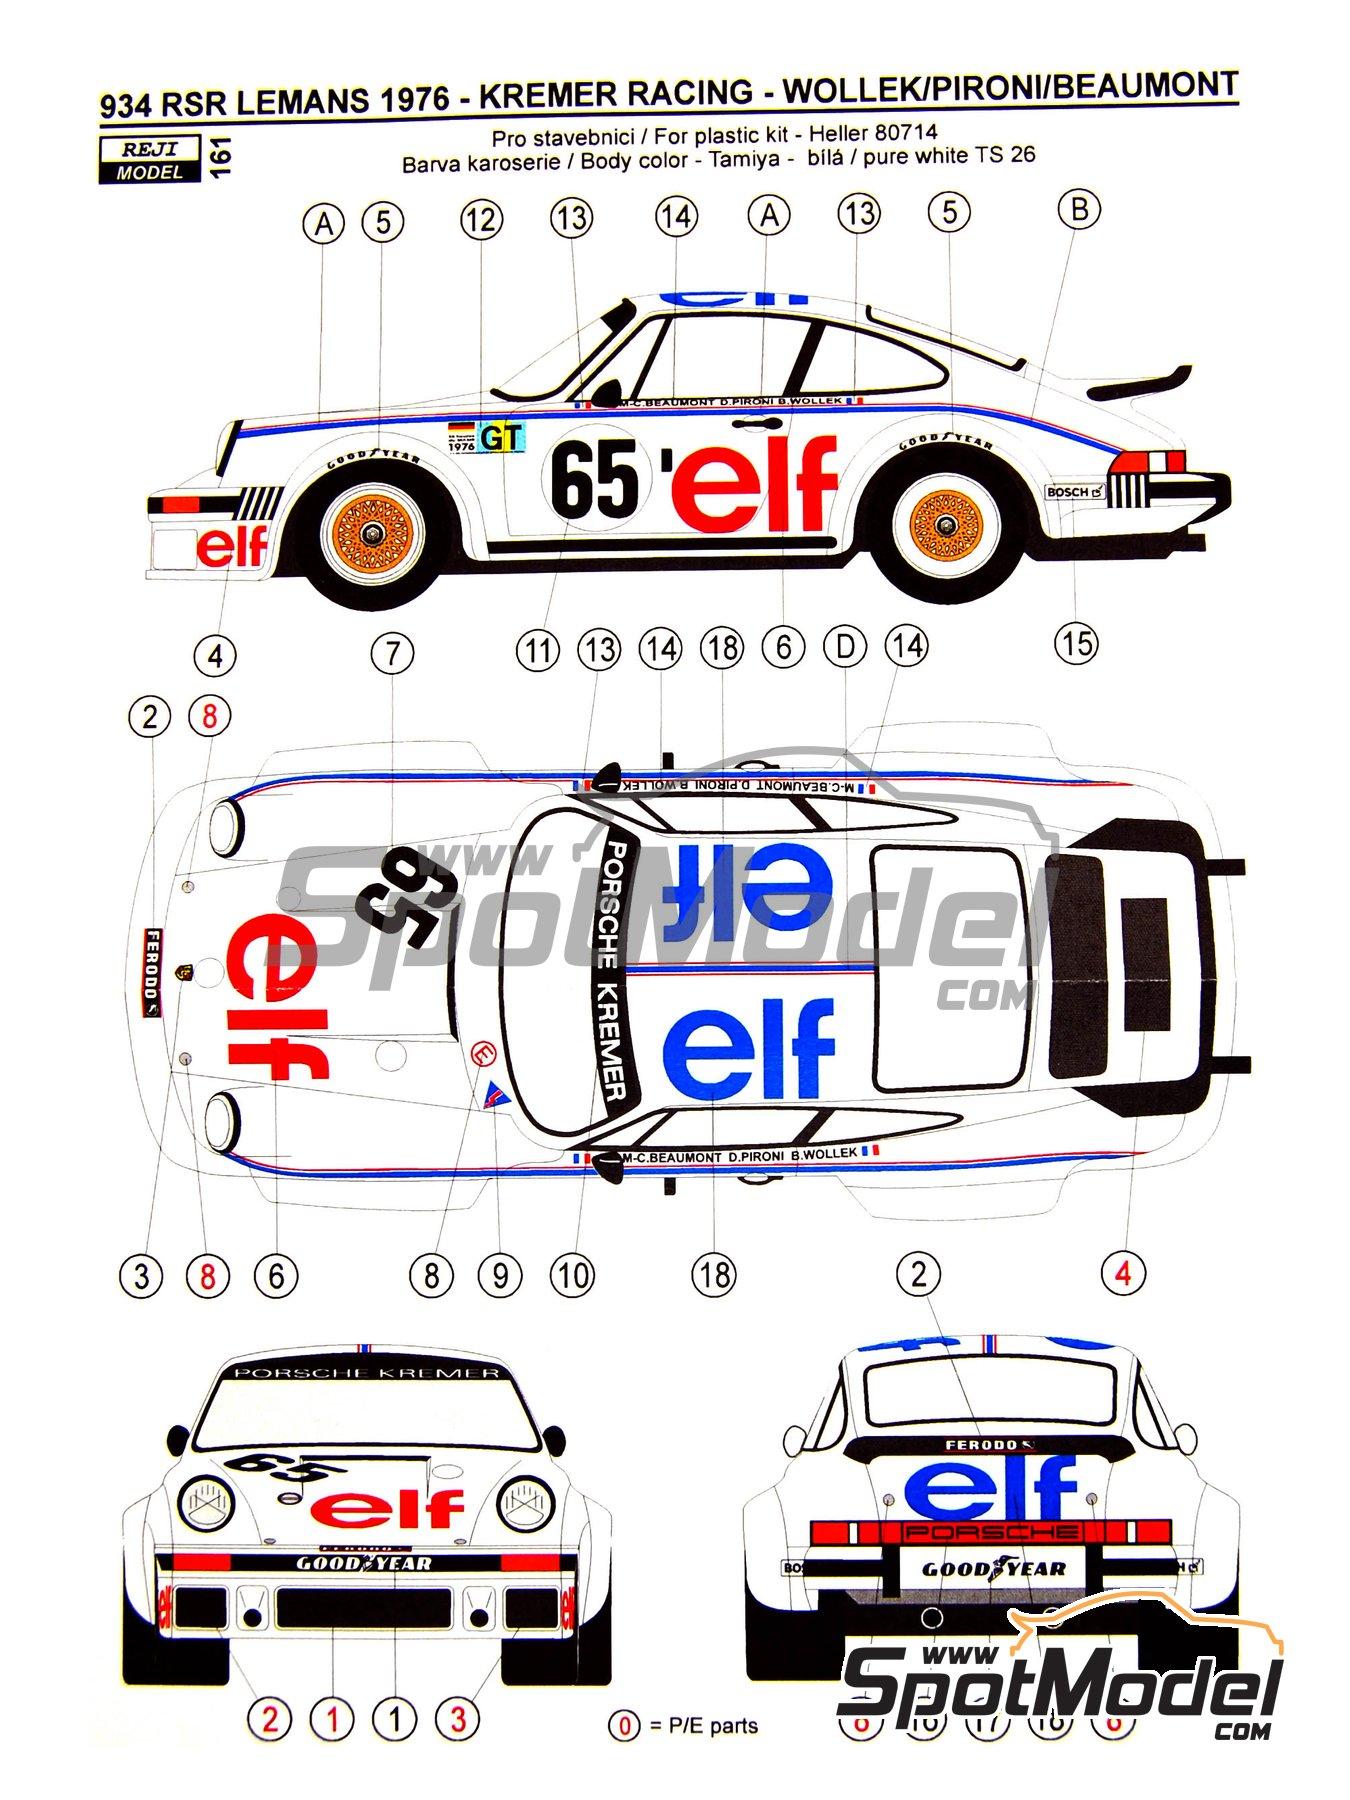 Porsche 934 Turbo RSR Grupo 4 ELF - 24 Horas de Le Mans 1976   Decoración en escala1/24 fabricado por Reji Model (ref.REJI-161) image